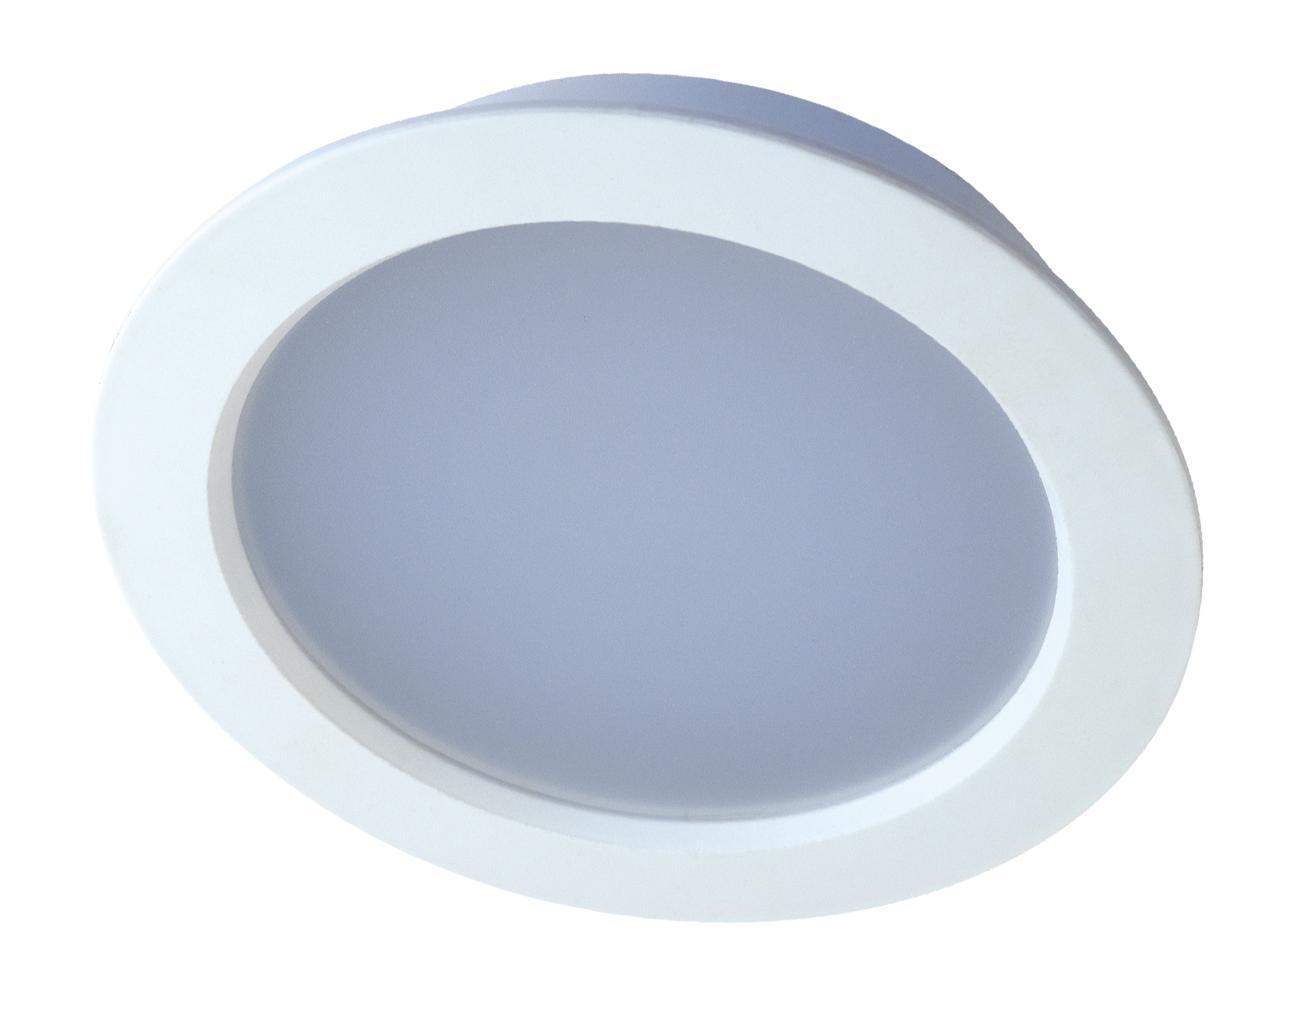 Светильник потолочный Ecowatt Sl-dlc- 6